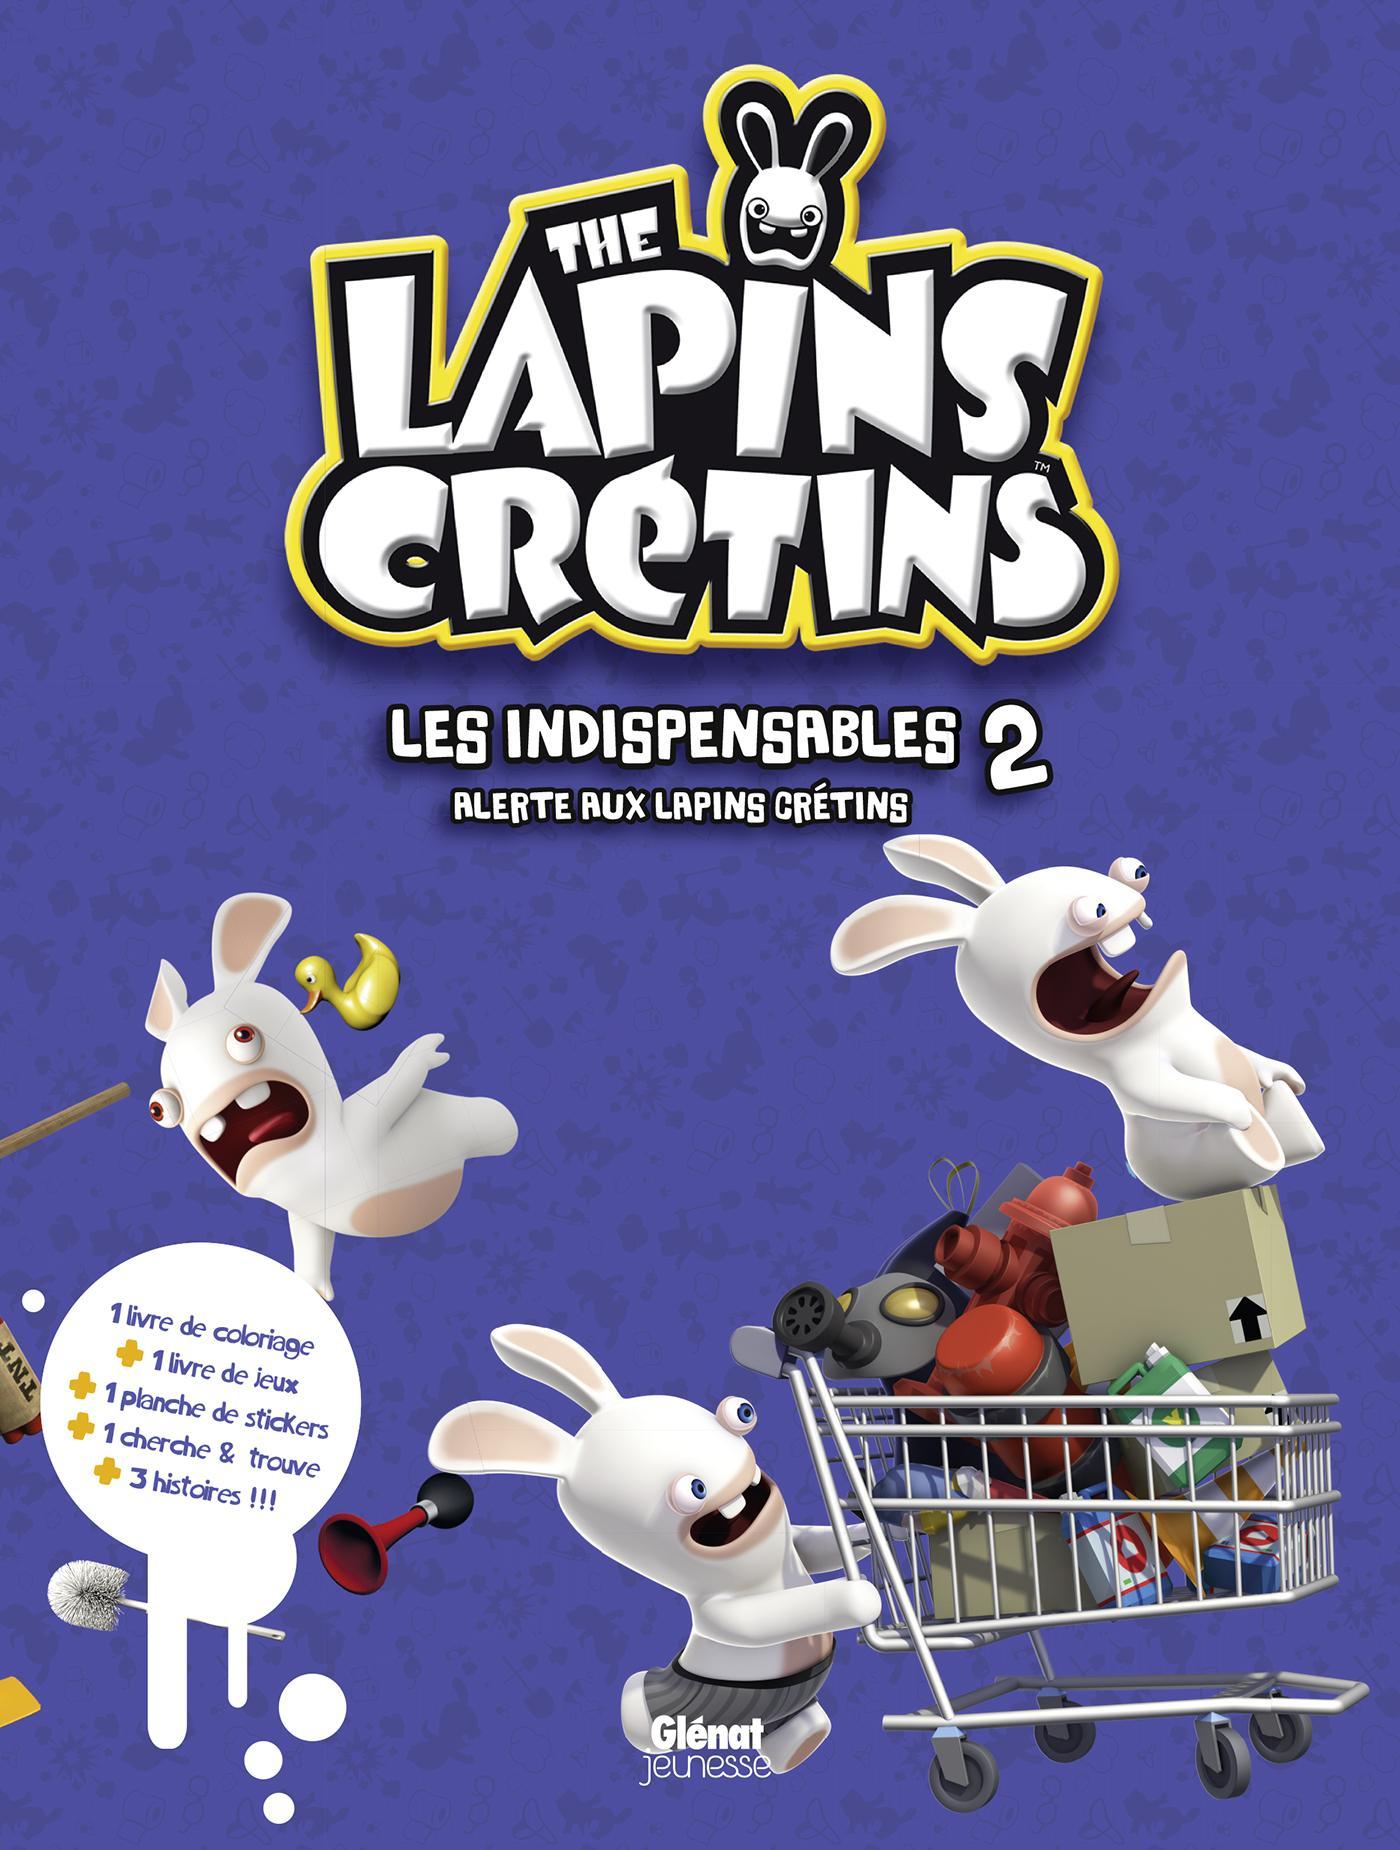 The Lapins Crétins - Activités - Alerte Aux Lapins Cretins dedans Lapin Crétin À Colorier